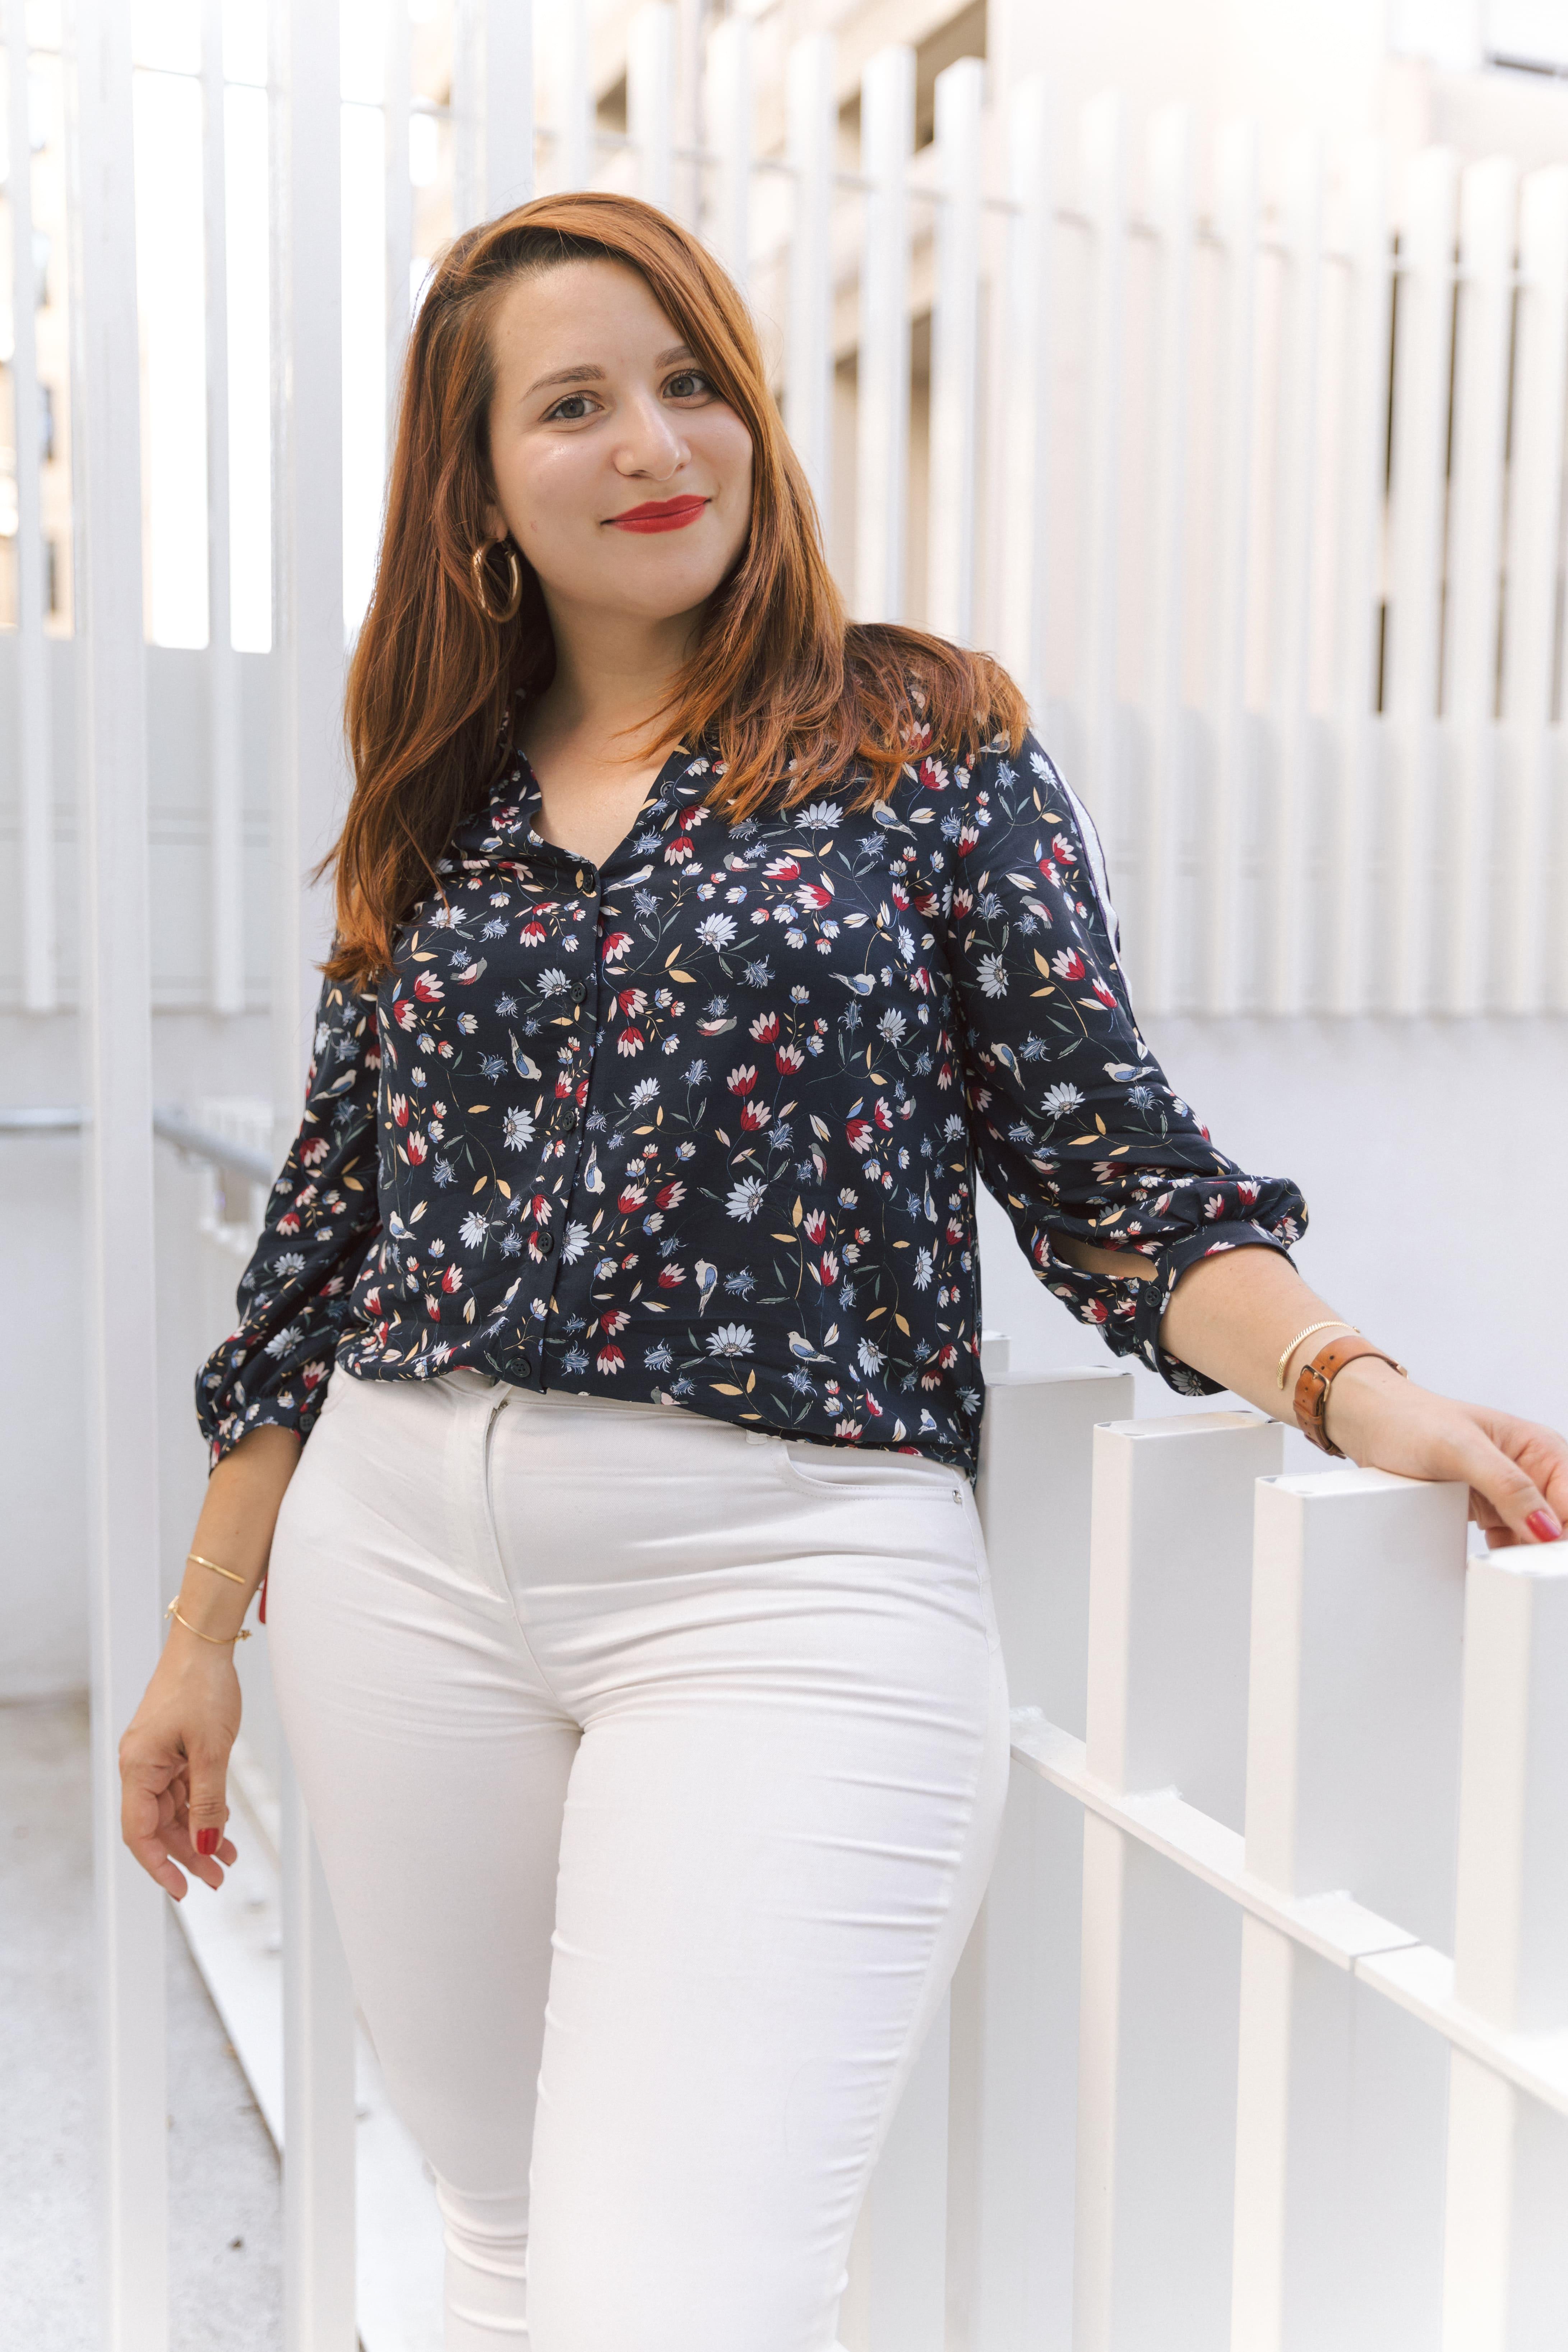 D'automne Et Blanc Fleurs Sport Mode Chemise Un Pantalon À Look En DW9IE2YH